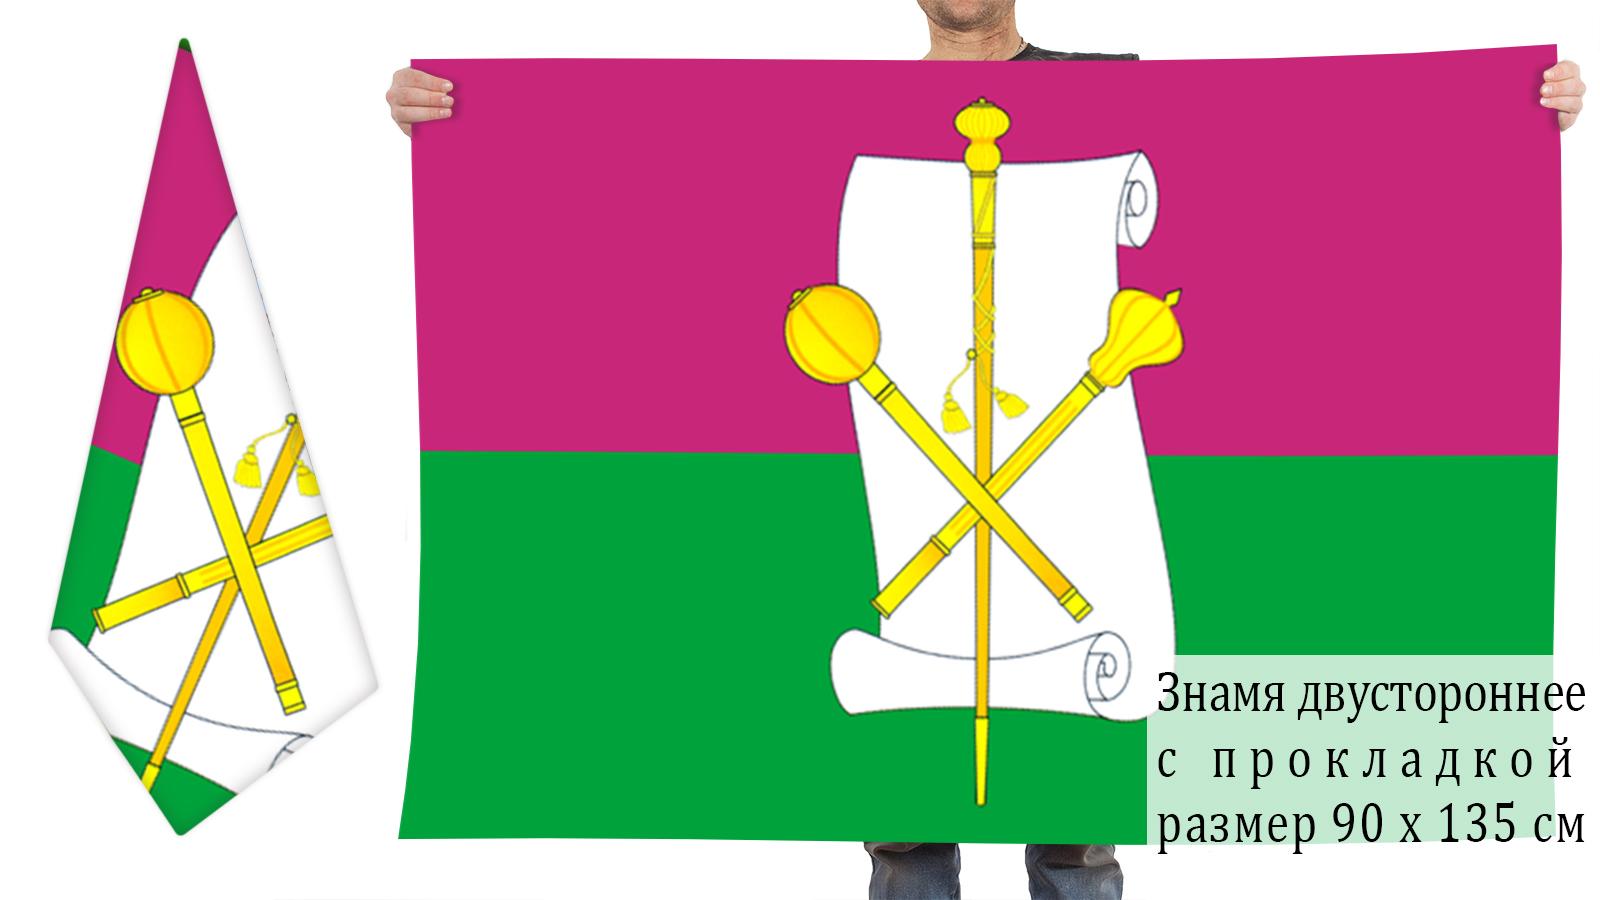 Двусторонний флаг Брюховецкого района